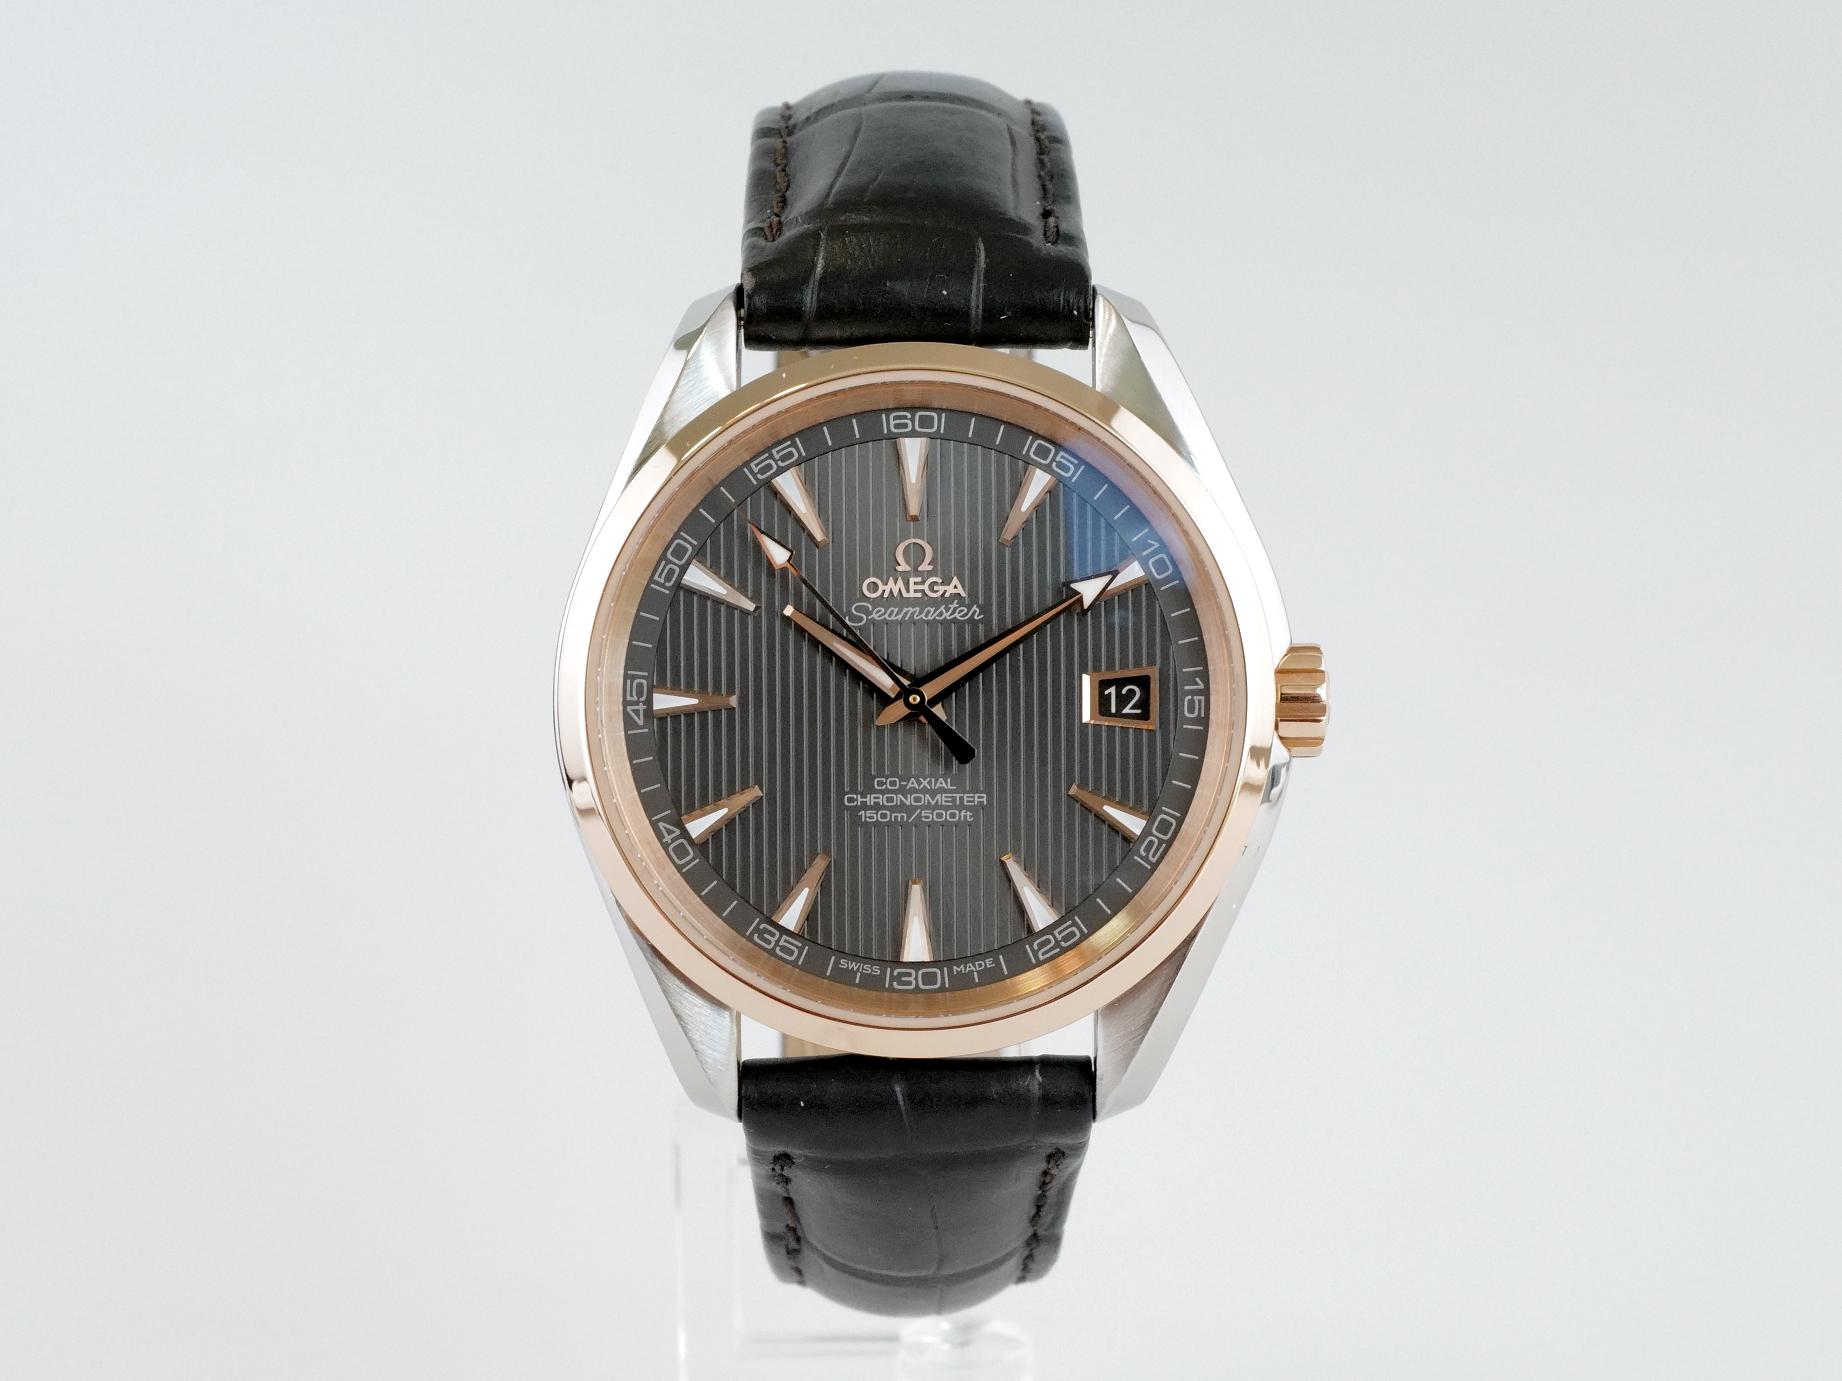 Оригинал продать часы омега платиновые часы продать